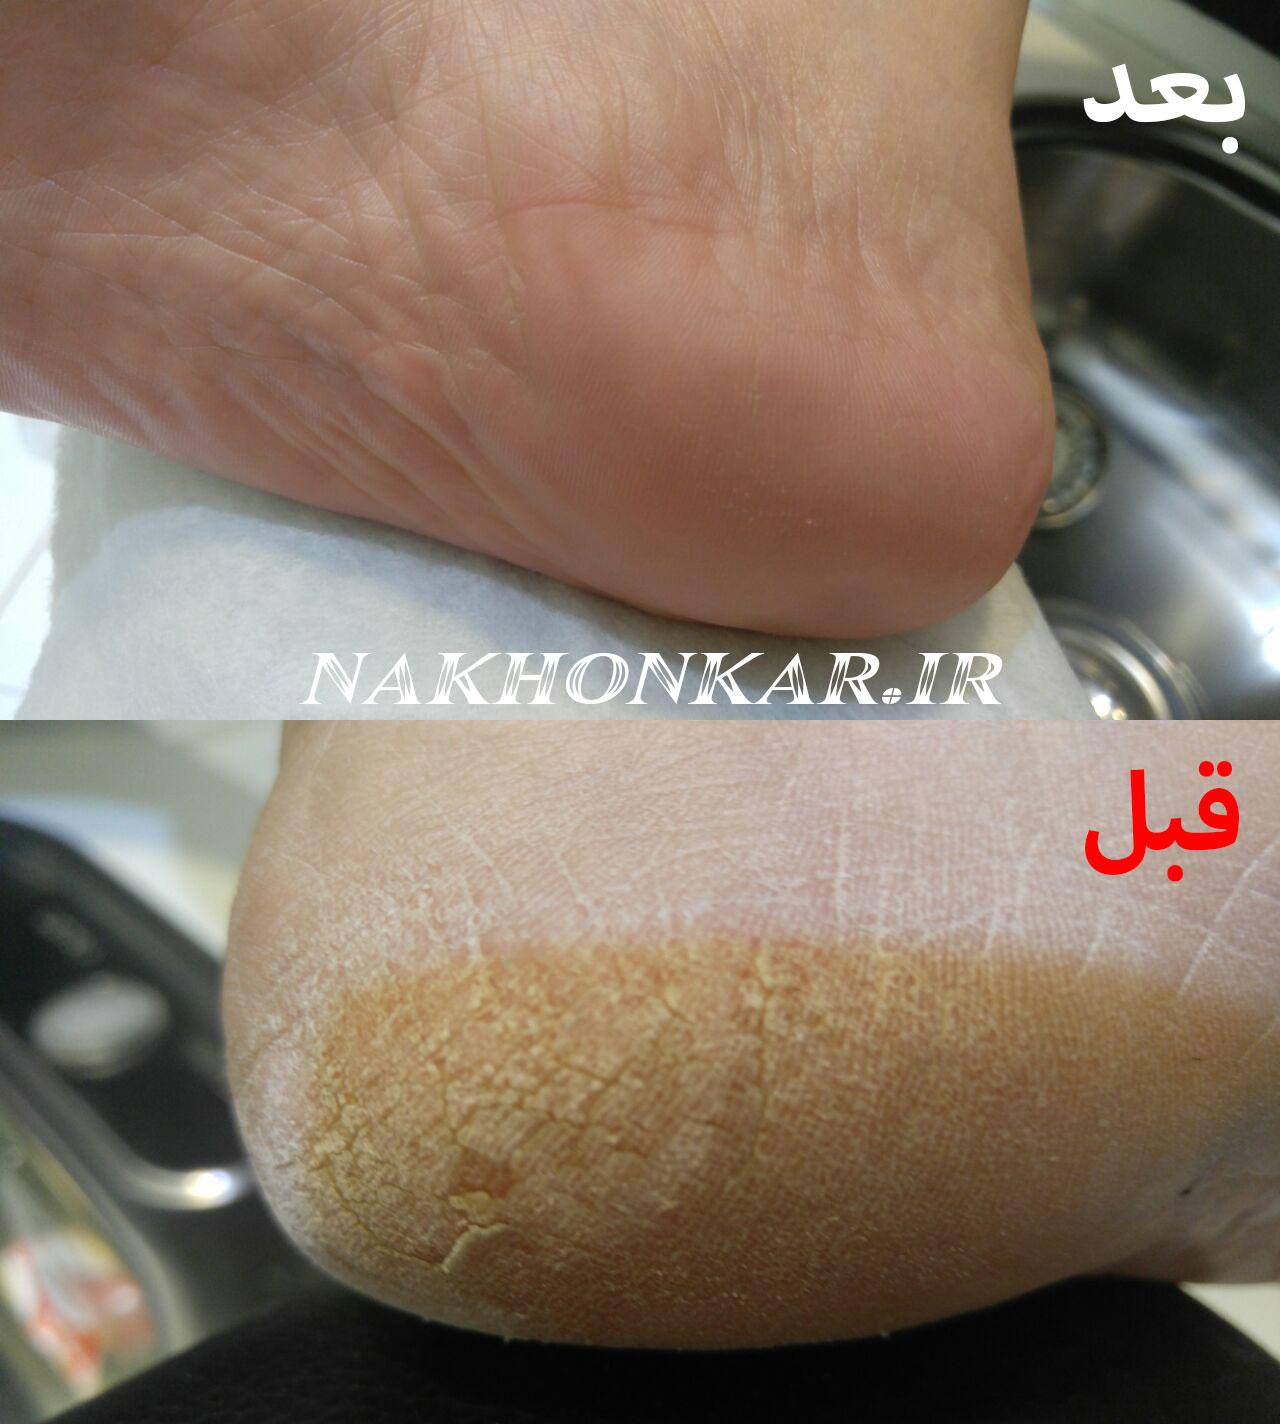 خدمات پدیکور پا ، خدمات مانیکور ناخن ، خدمات اسپا در تهران